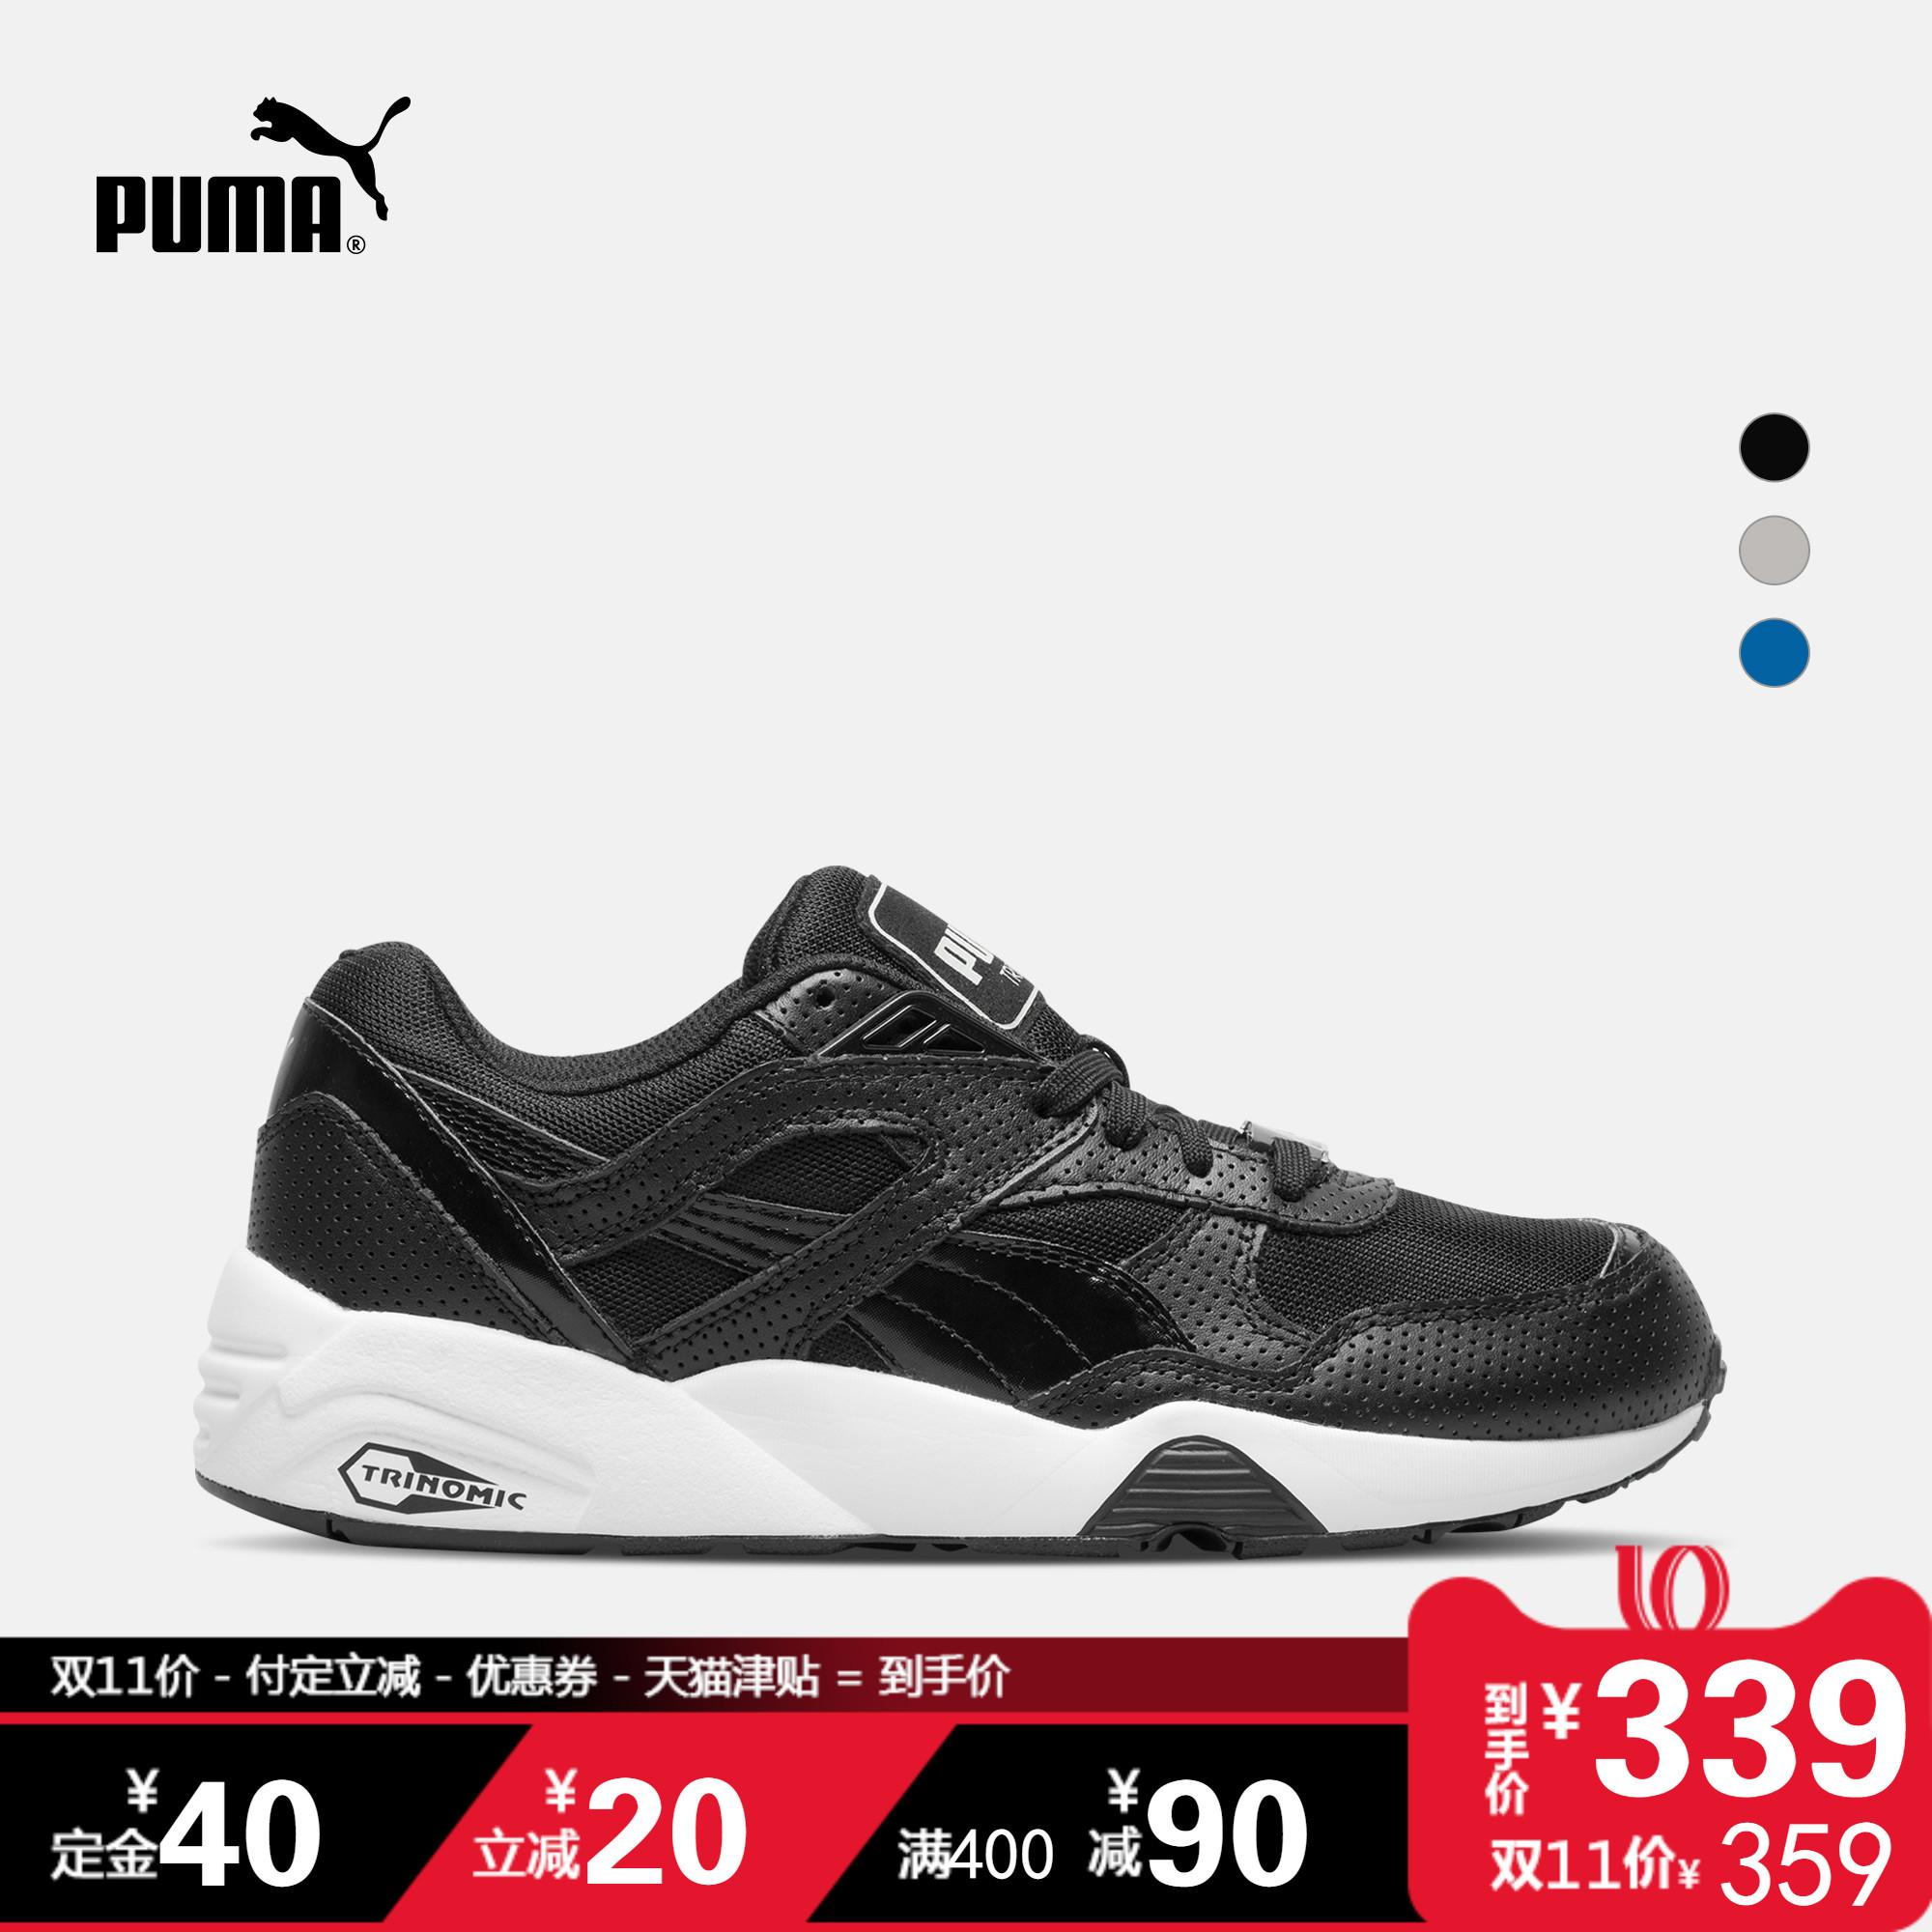 预售 PUMA彪马官方 男女同款运动休闲鞋 R698 Breathe 362573